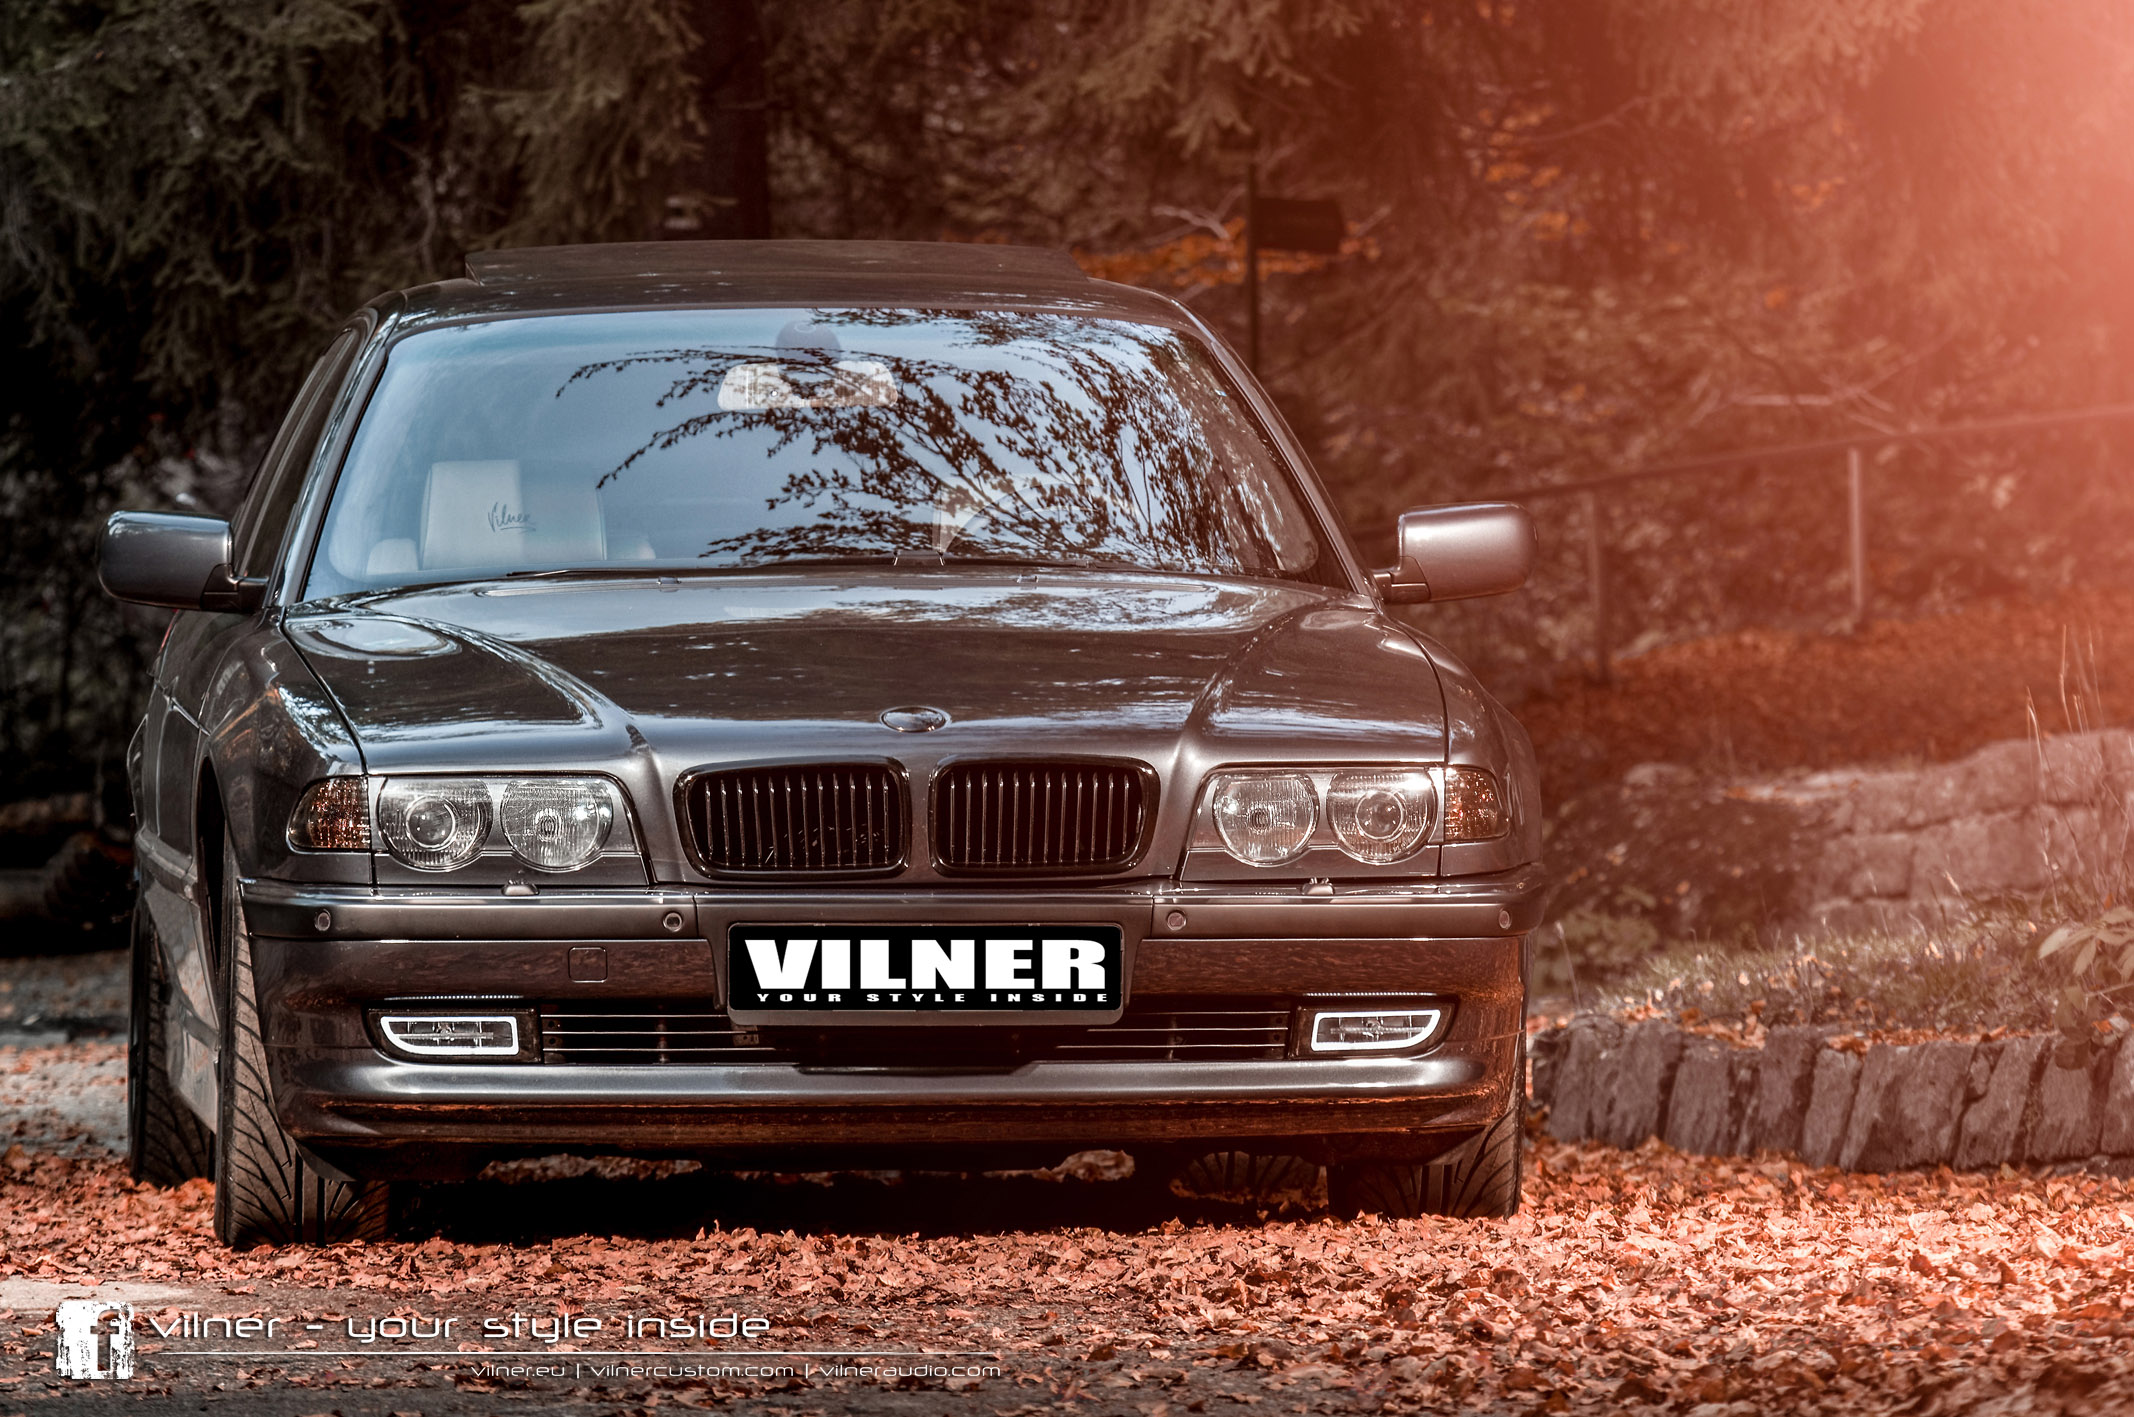 Вильнер трансформирует БМВ 750 V12 объемом - фотография №1